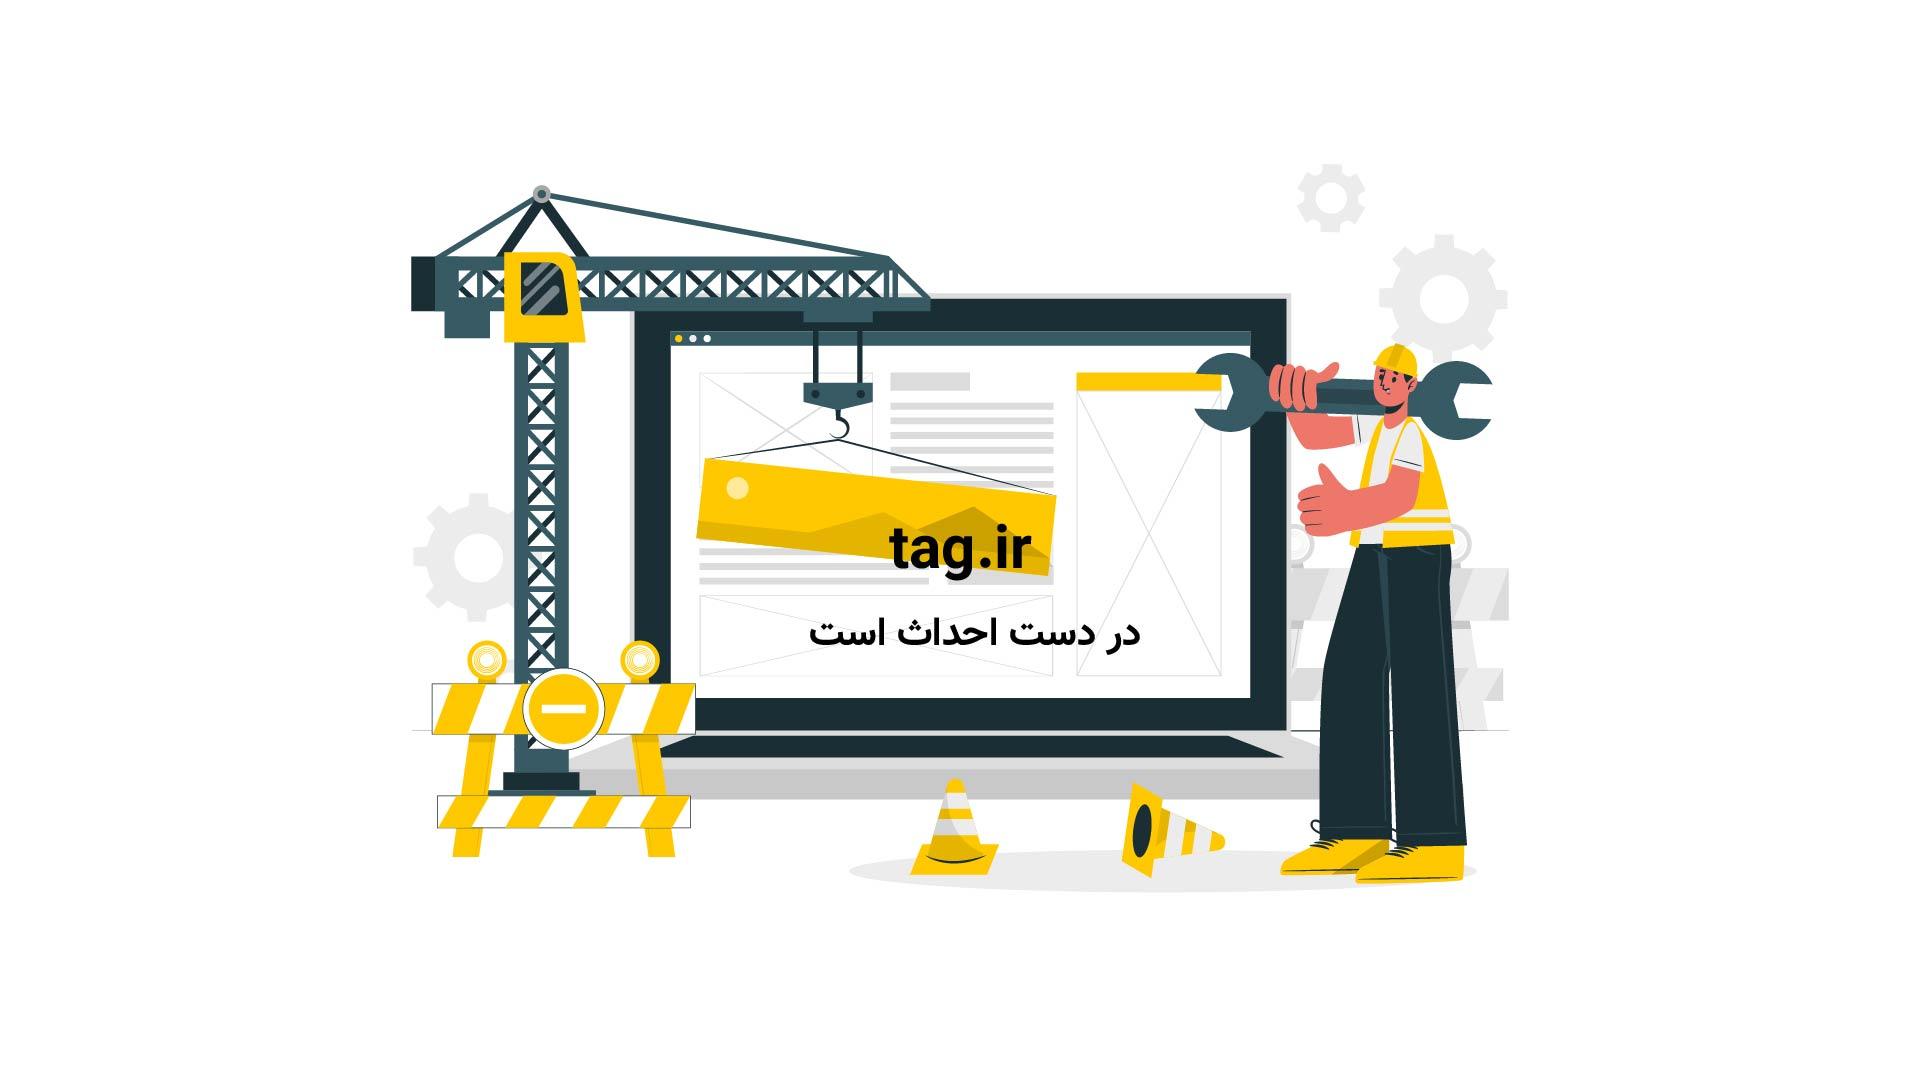 تست آینه میمون | تگ